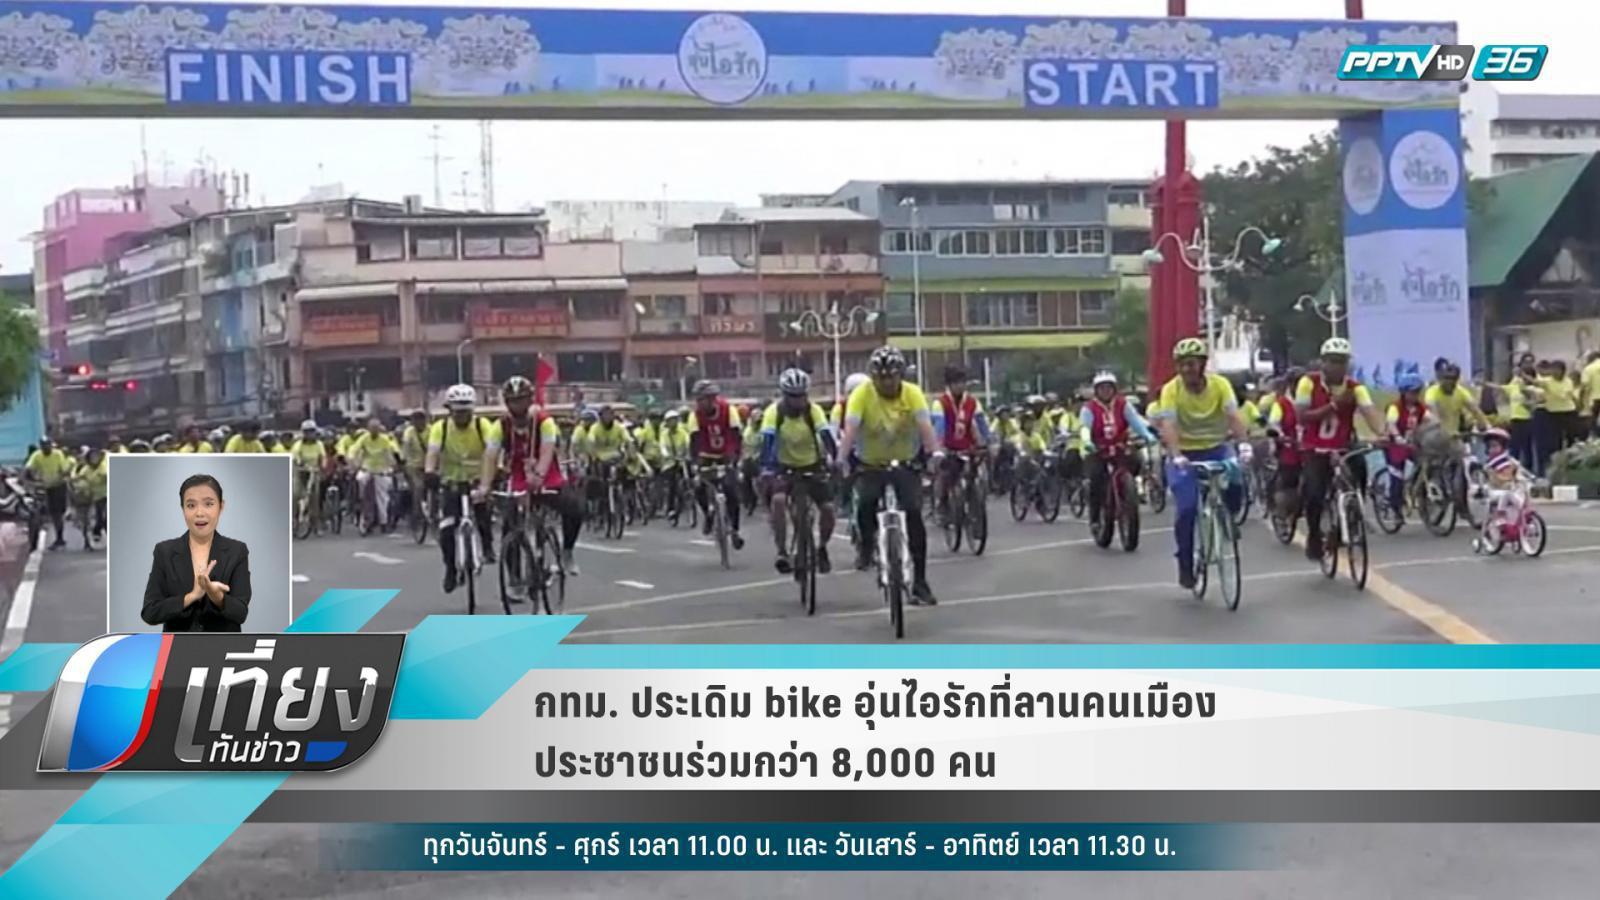 กทม. ประเดิม bike อุ่นไอรักที่ลานคนเมือง ประชาชนร่วมกว่า 8,000 คน